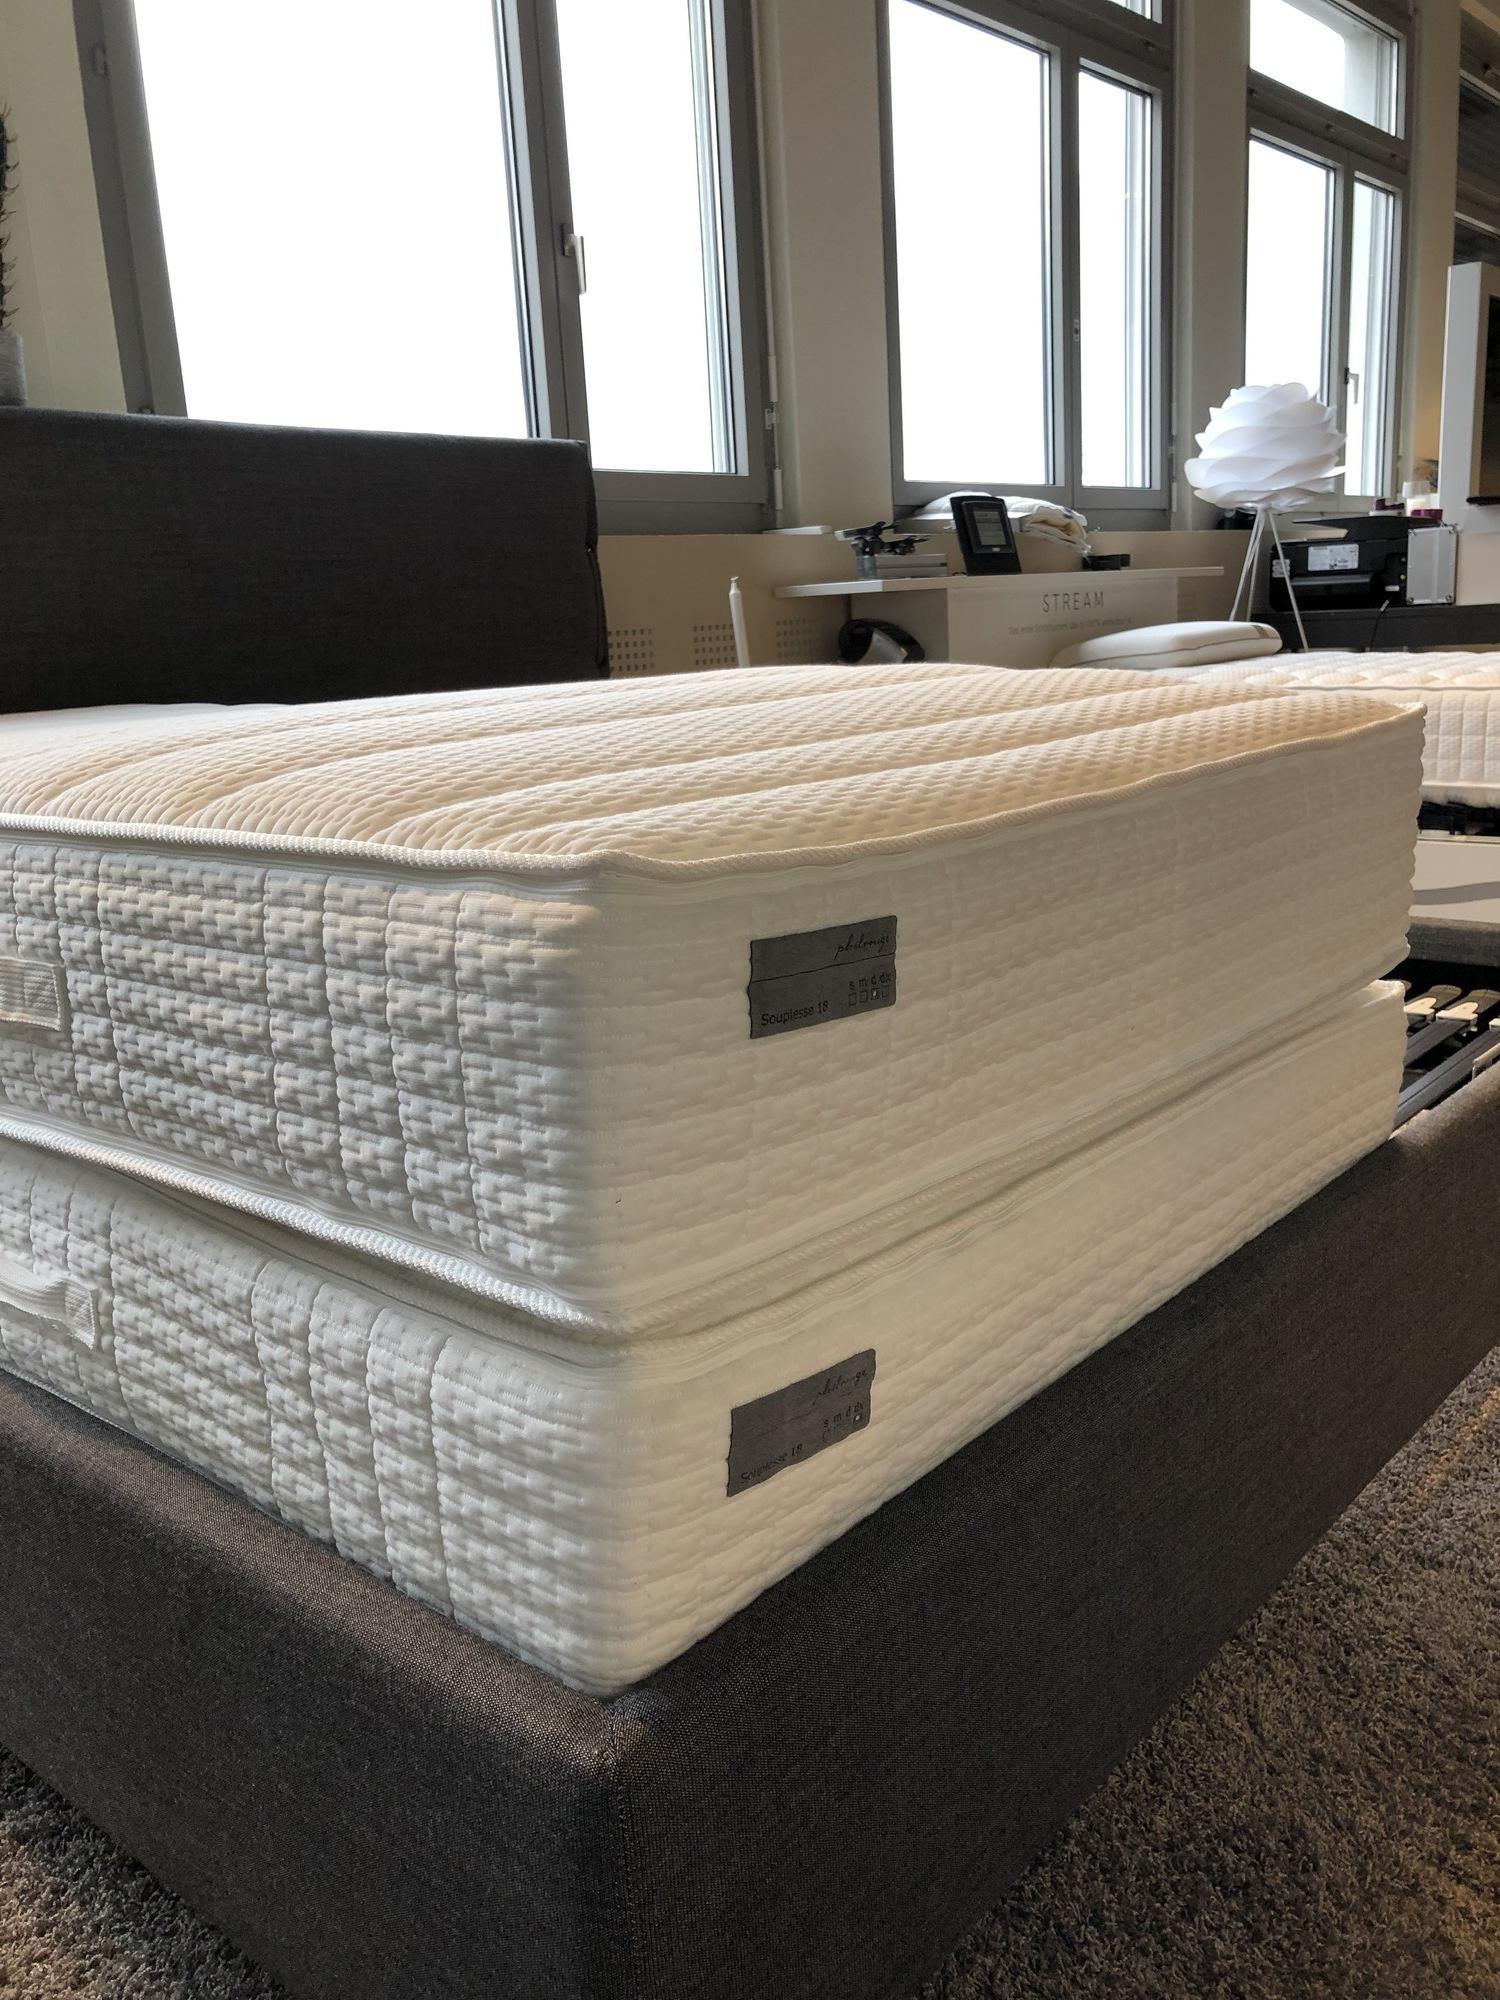 1549032834-schlafzimmer-matratze.jpeg